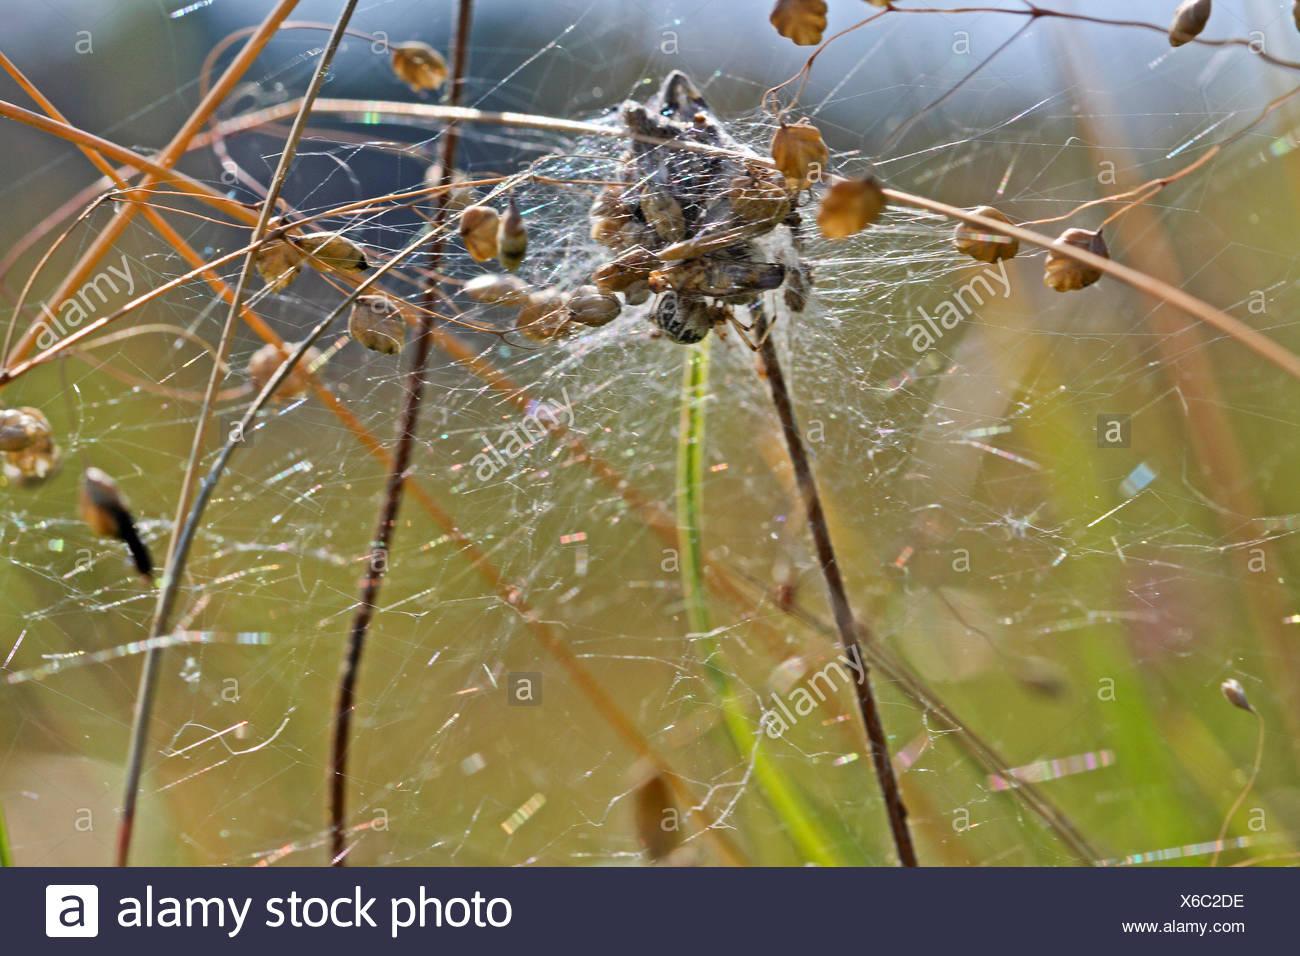 Braune Kugelspinne, Braunweisse Kugelspinne (Theridion impressum, Phylloneta impressa), Netz im Zittergras, Deutschland | Comb-f - Stock Image